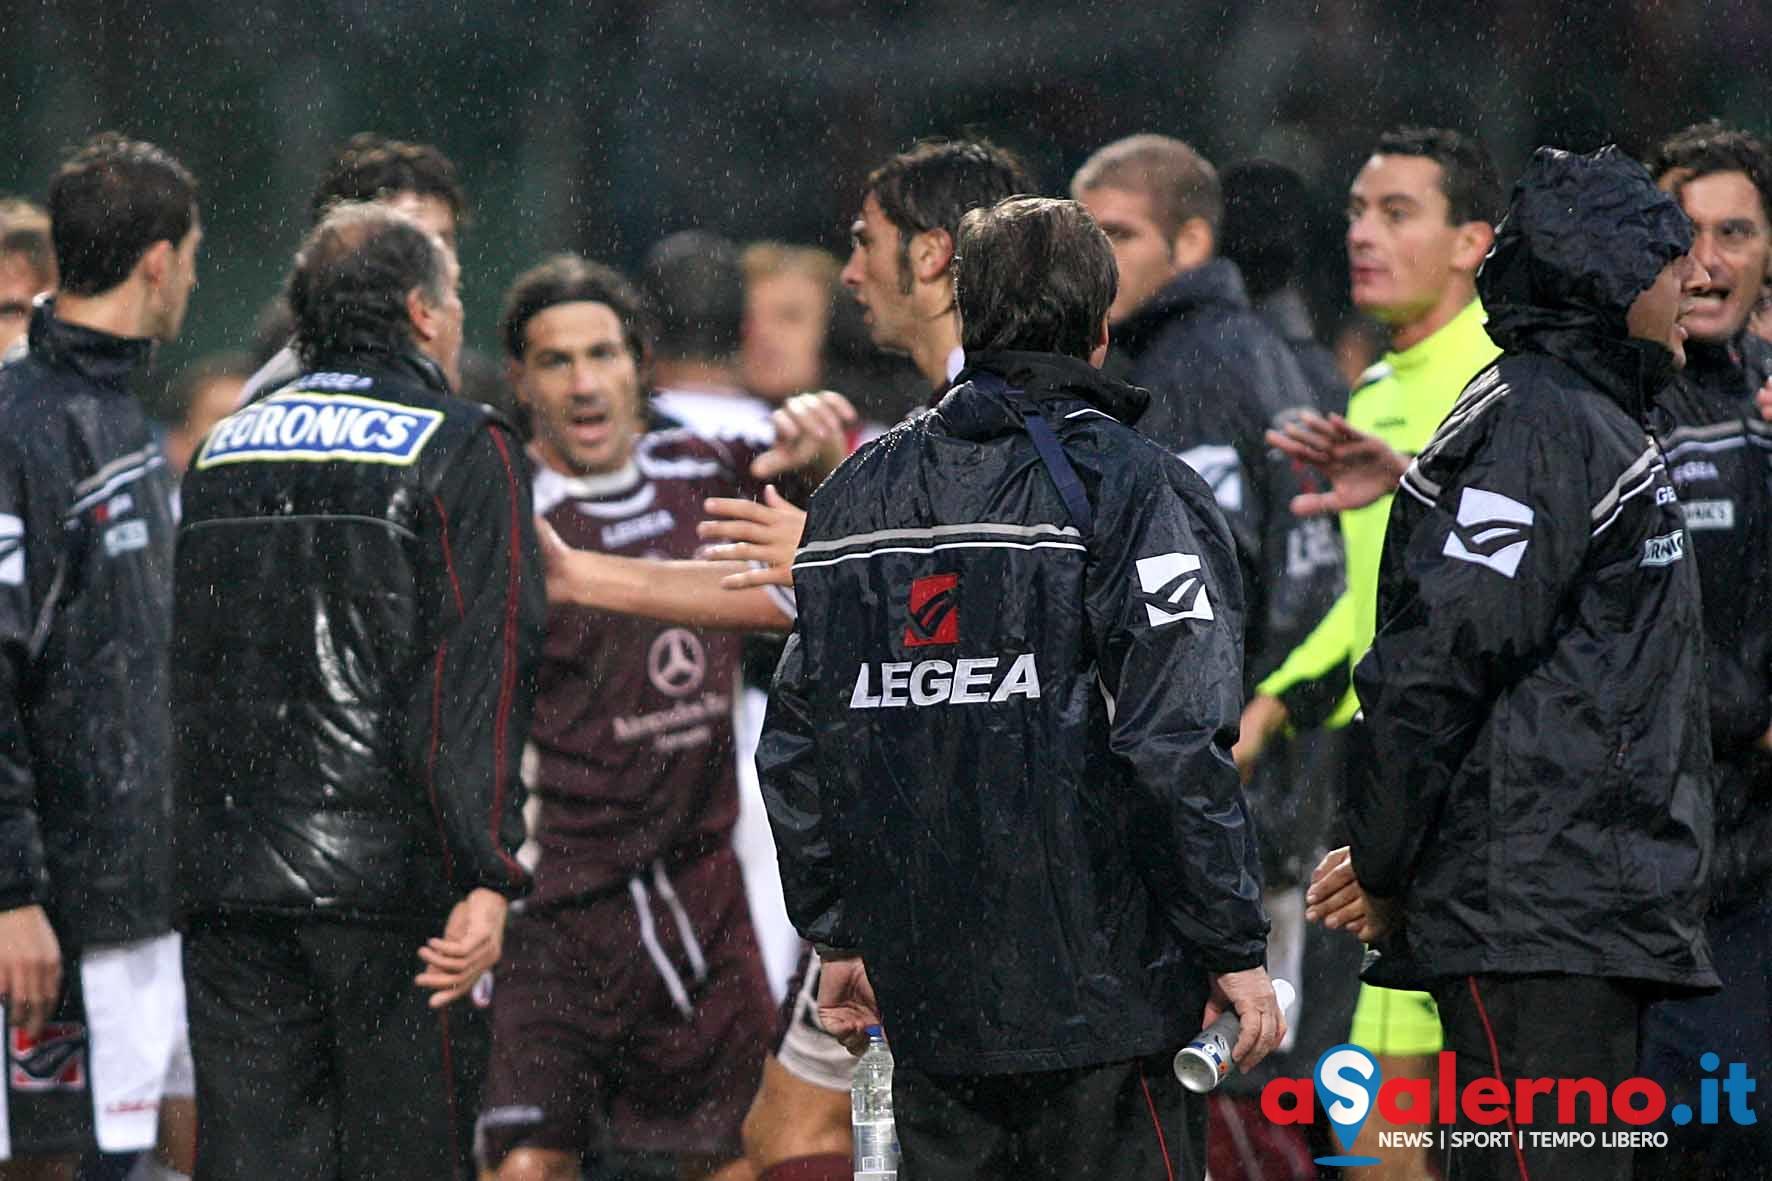 Salernitana - Foggia campionato serie C nella foto cuoghi litiga con la panchina della salernitana (Foto Tanopress)